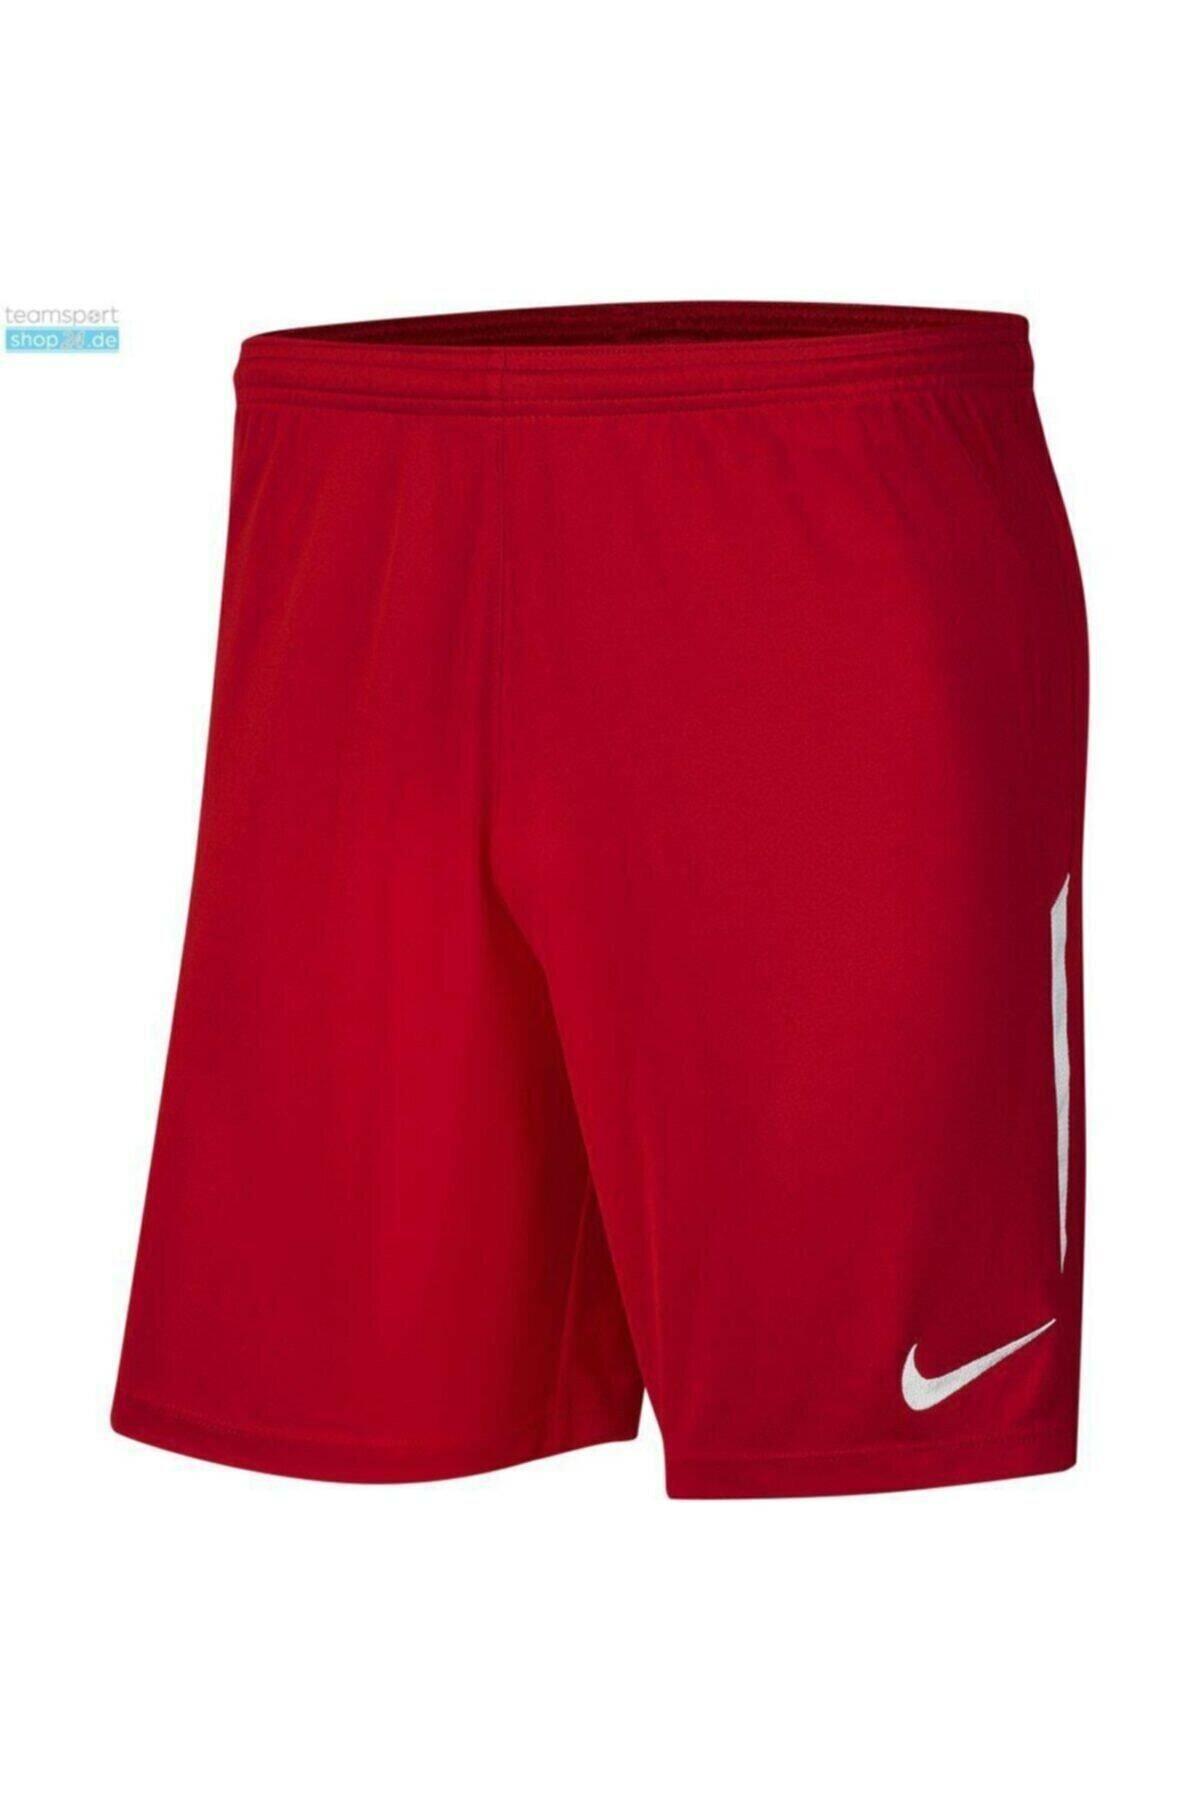 Dri-Fit Knit ll Erkek Kırmızı Futbol Şortu (BV6852-657)